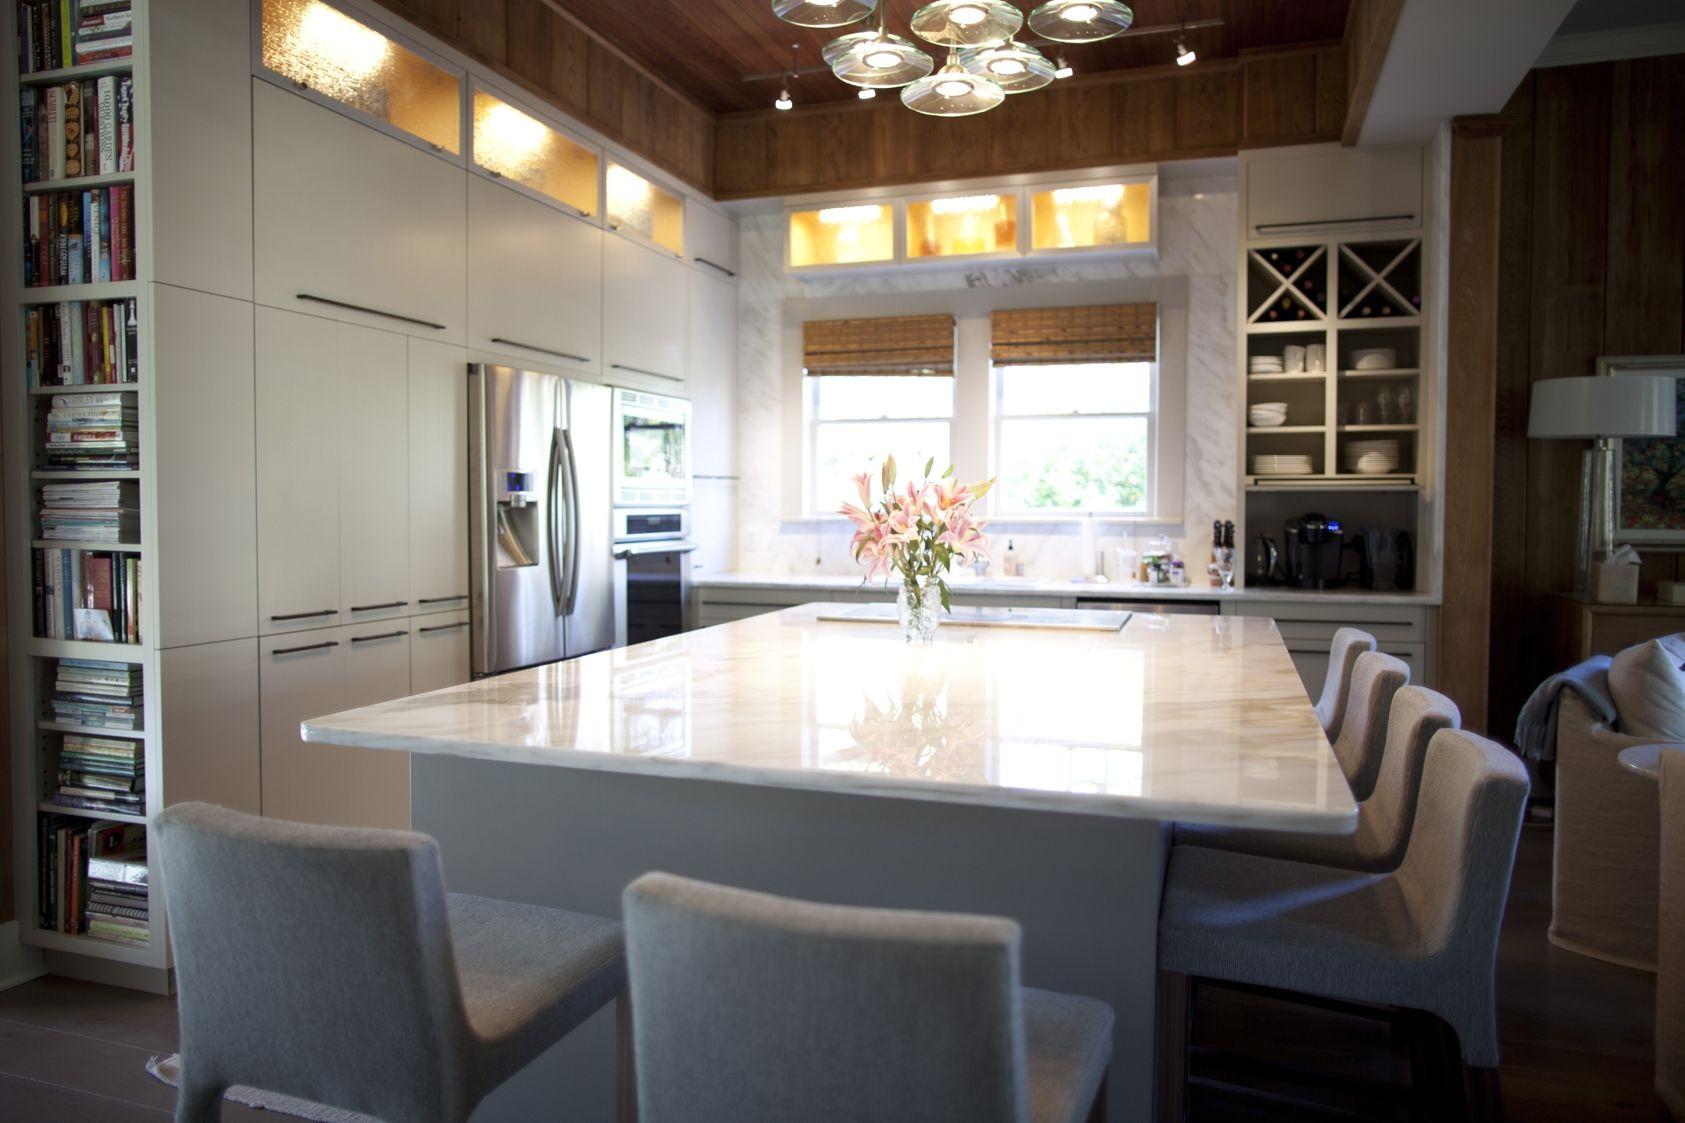 European Style Kitchen Cabinet Doors Httpfranzdondi Pinterest